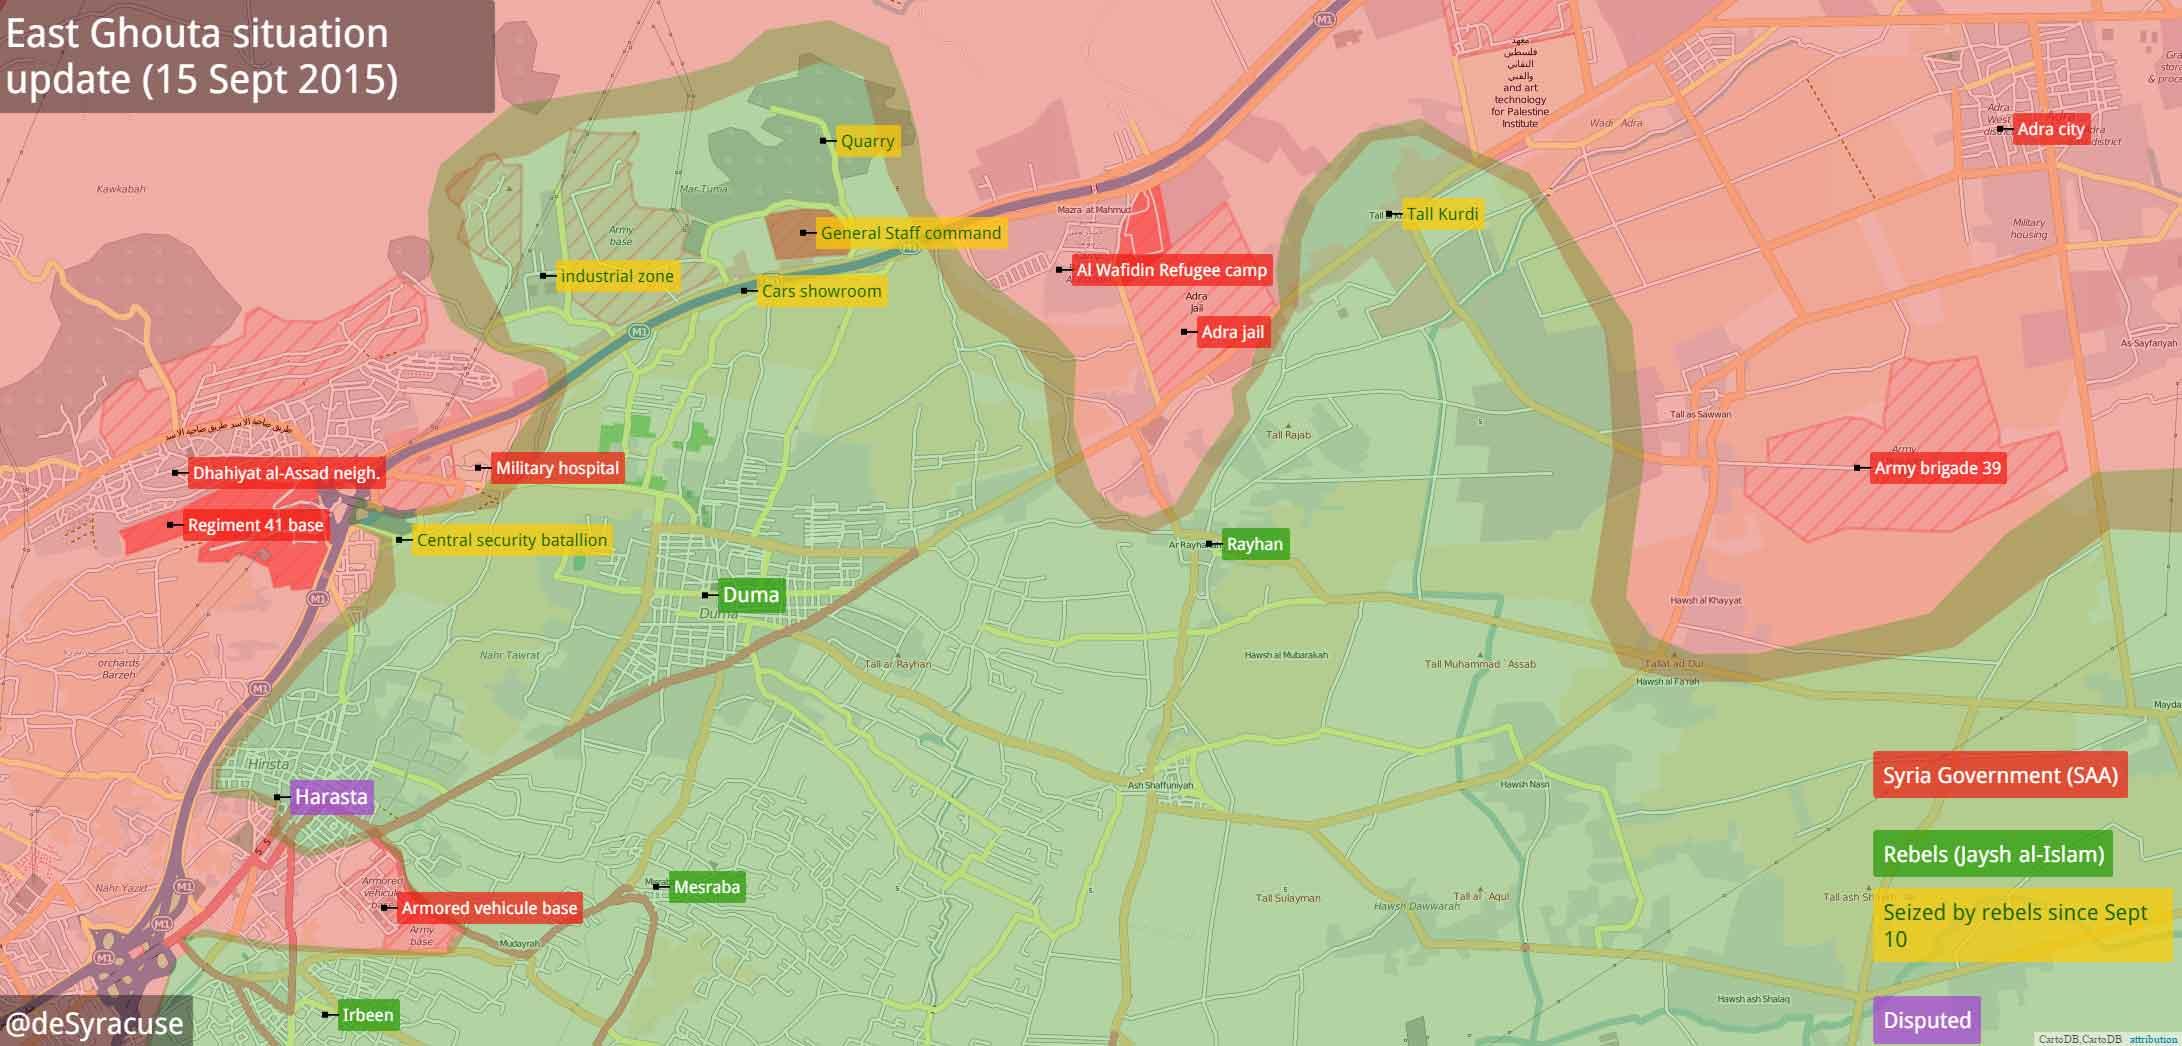 Карта - результат наступления оппозиции в Восточной Гута, пригороде Дамаска